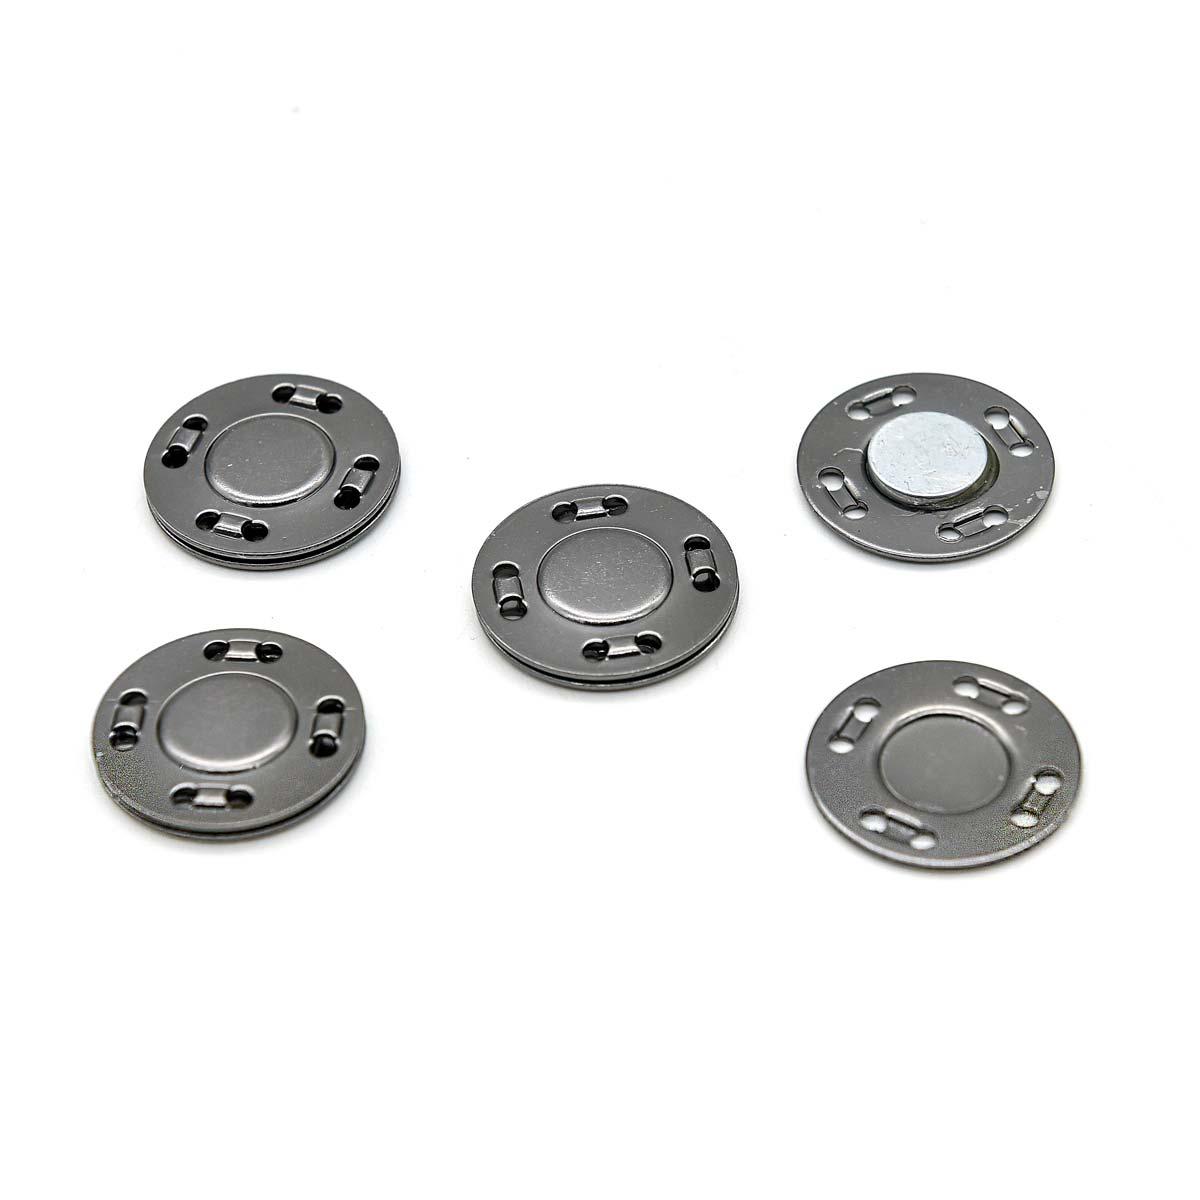 Кнопка магнитная пришивная 69016, 20 мм, черный никель, упаковка 4 шт., Hobby&Pro